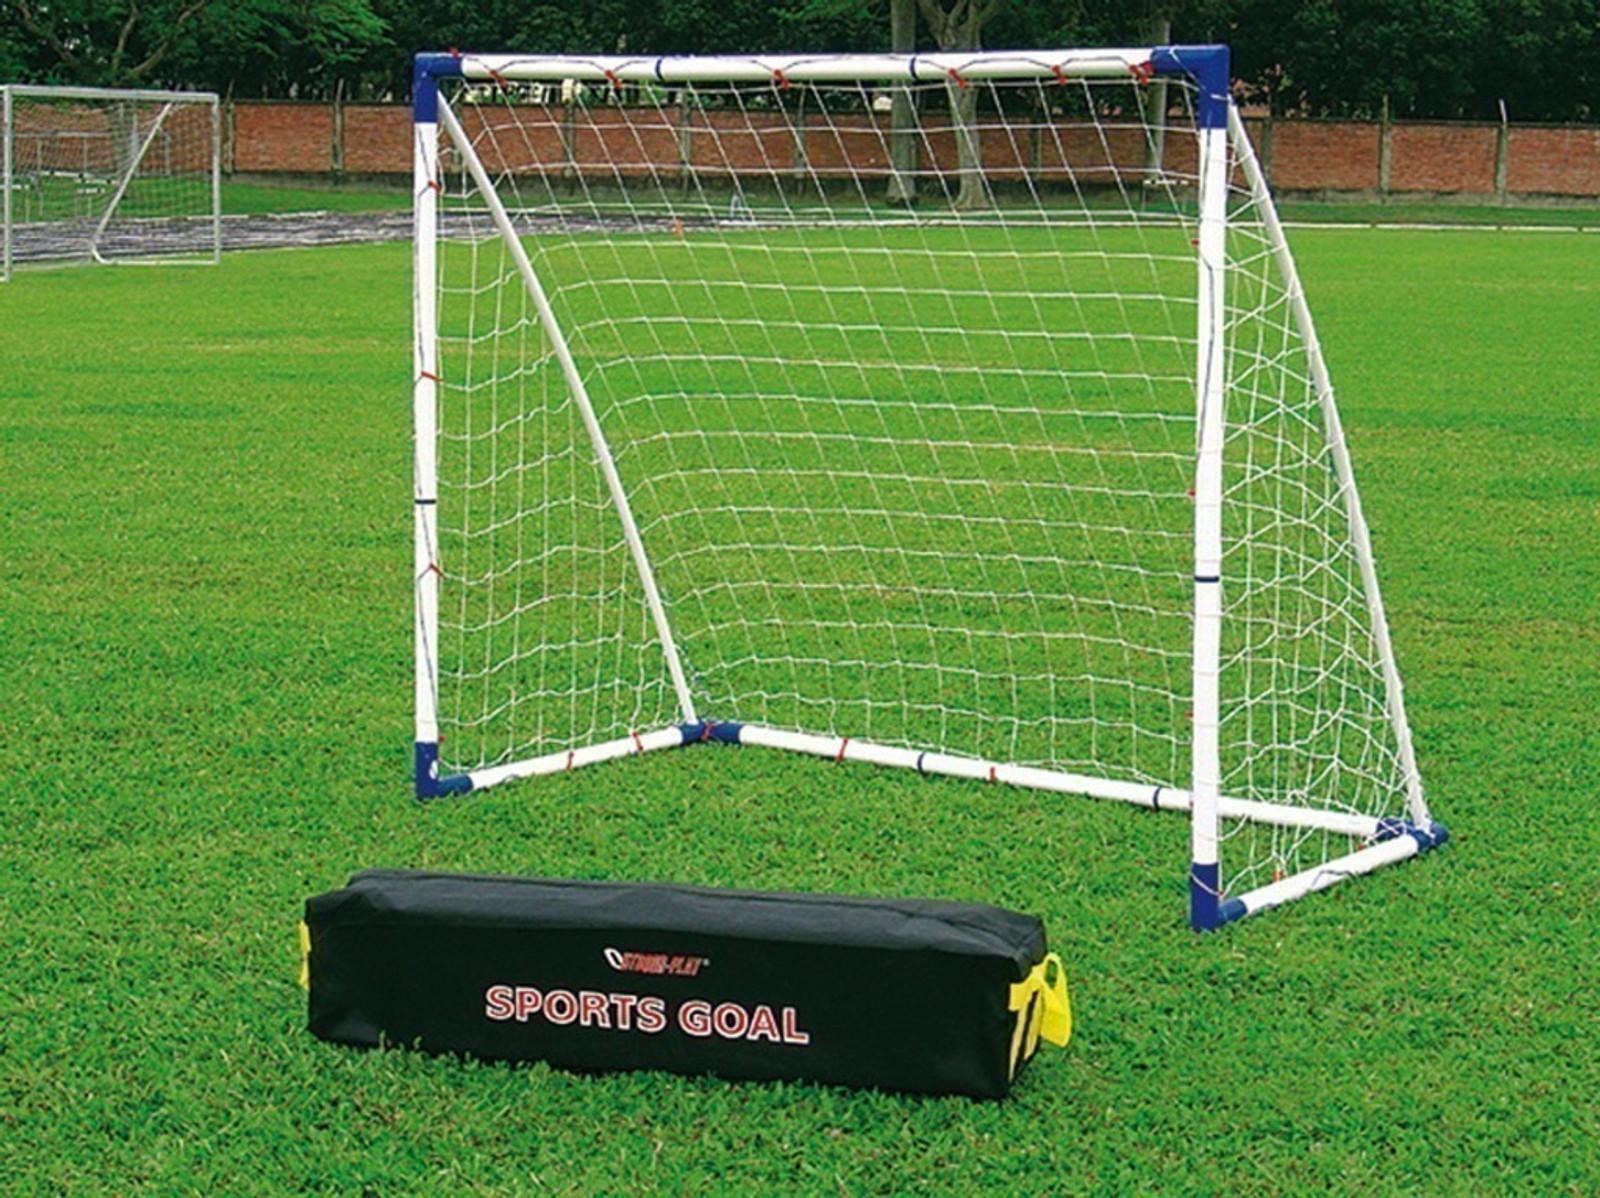 fu balltor set mini soccer goal 16 set 1 gro es tor oder 2 kleine tore steckbare tore f r. Black Bedroom Furniture Sets. Home Design Ideas